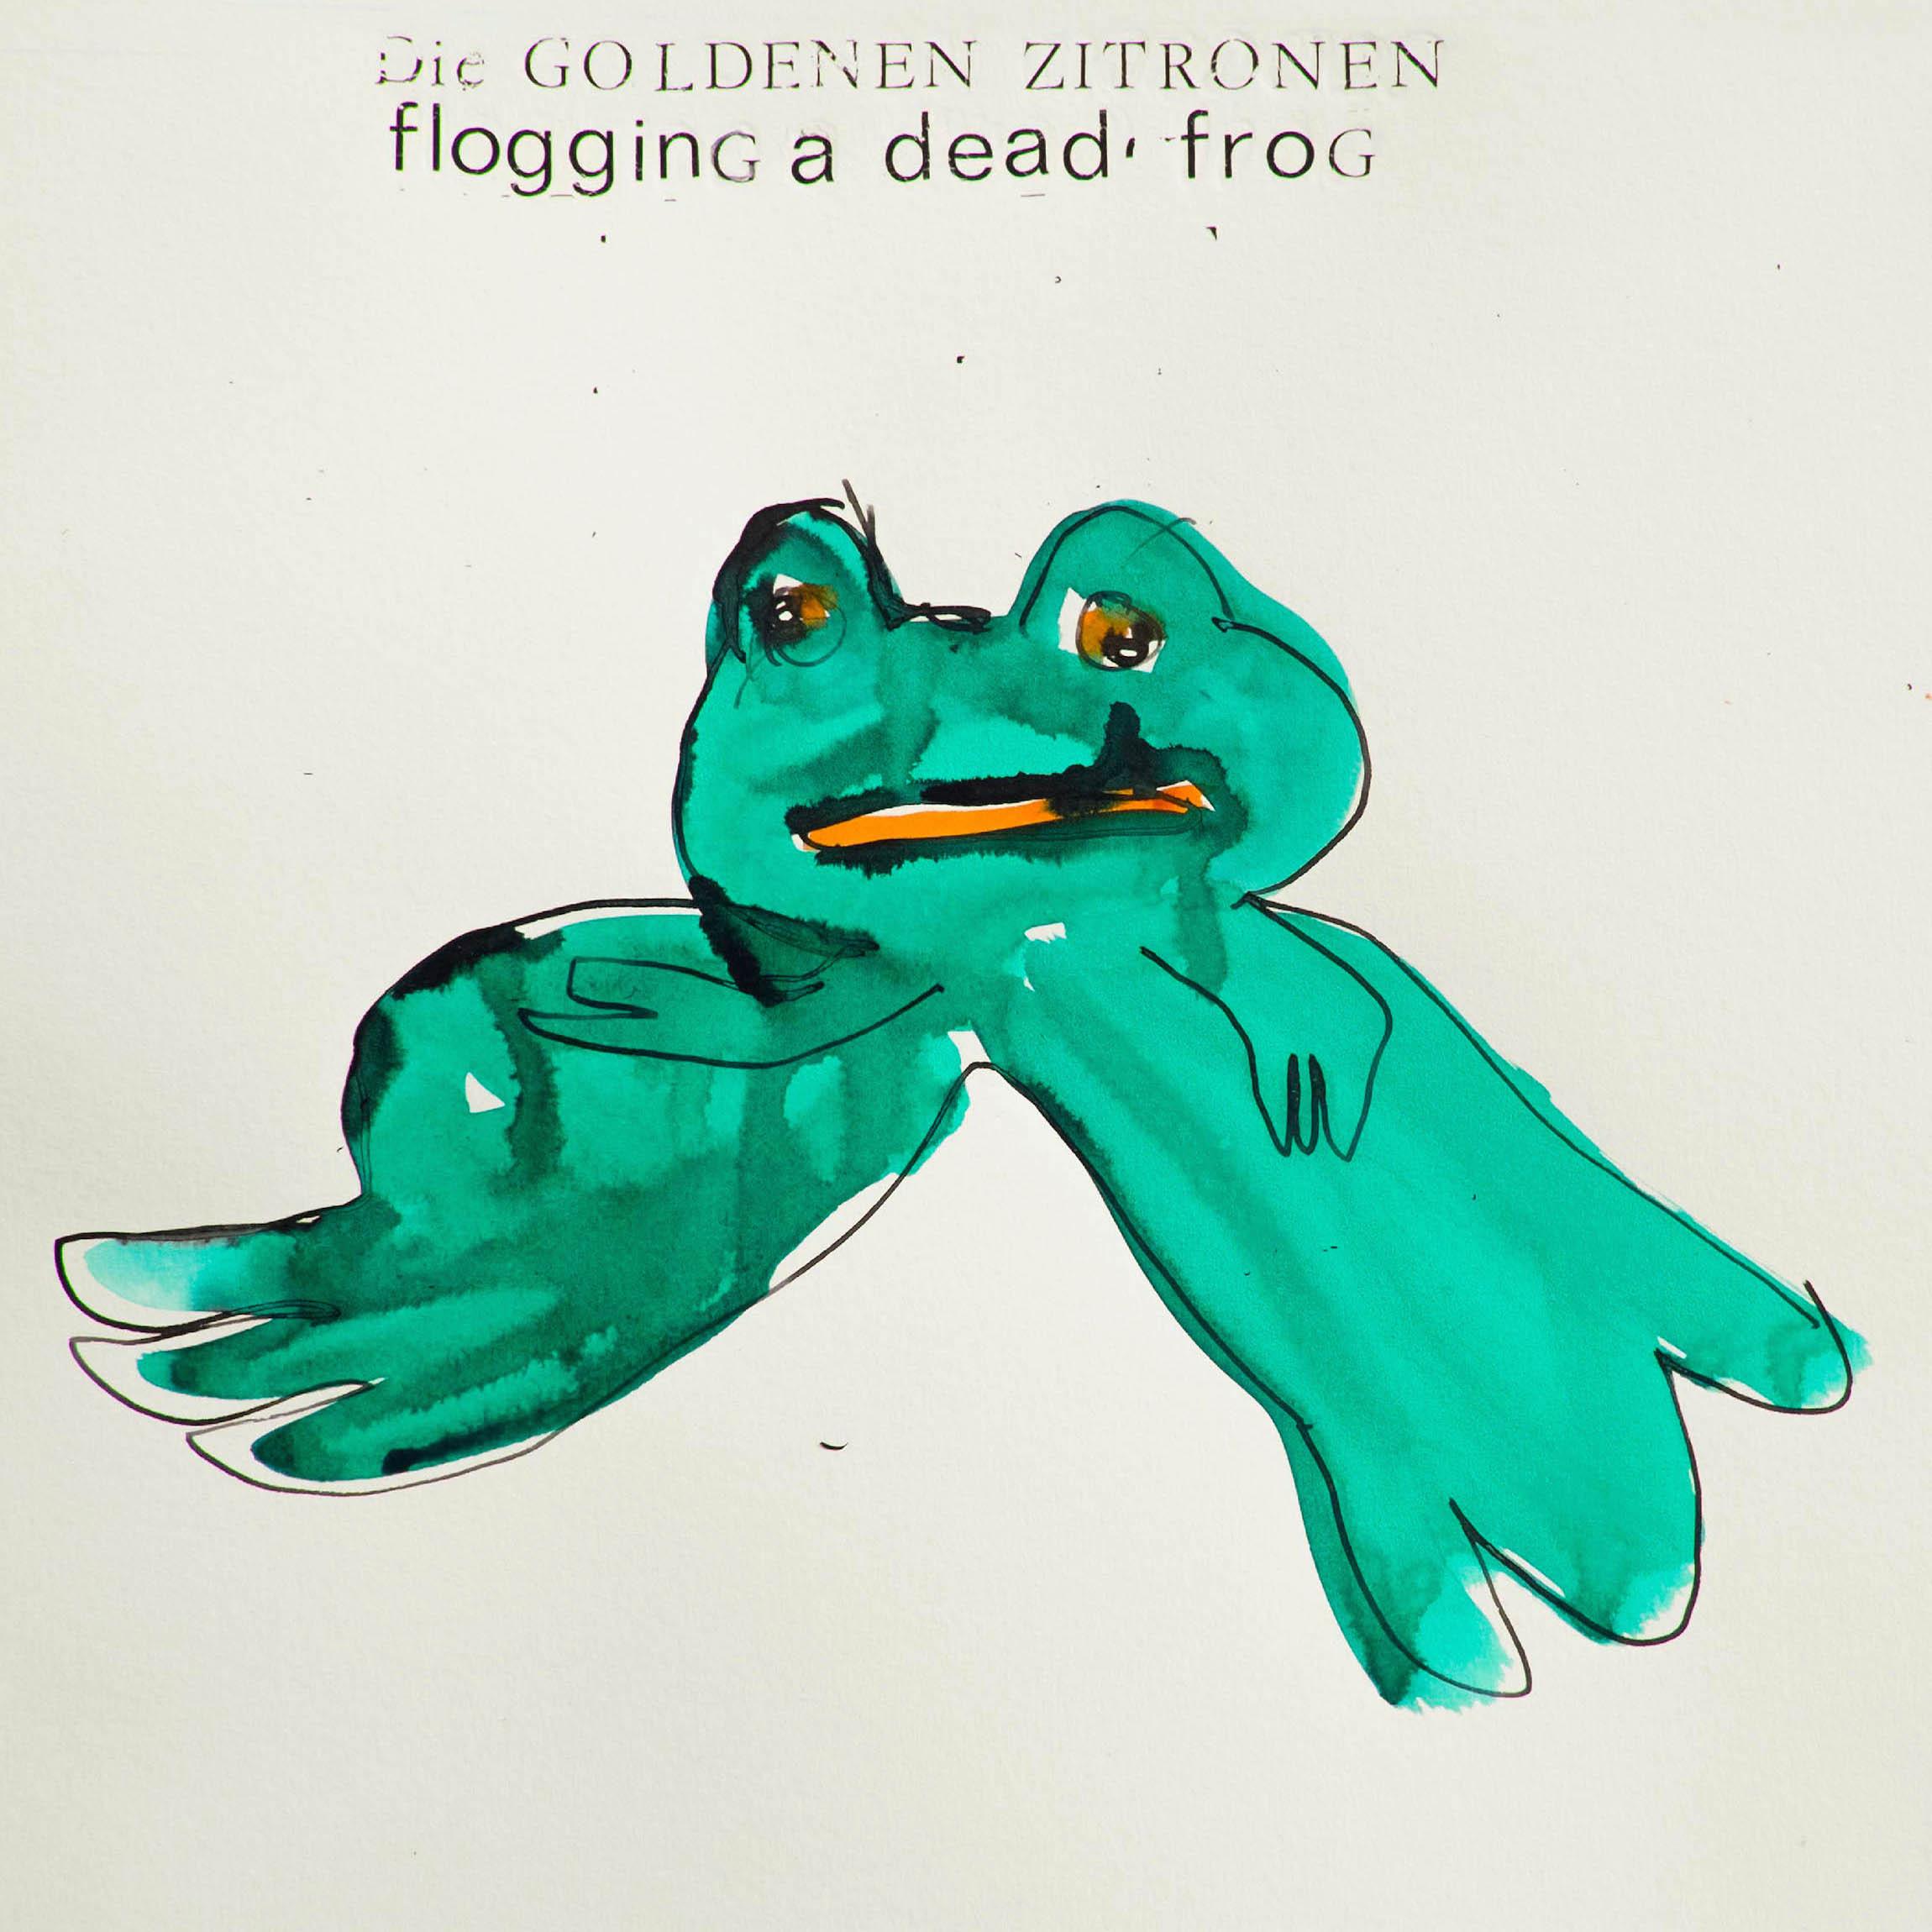 Die_Goldenen_Zitronen-2015-Flogging_A_Dead_Frog